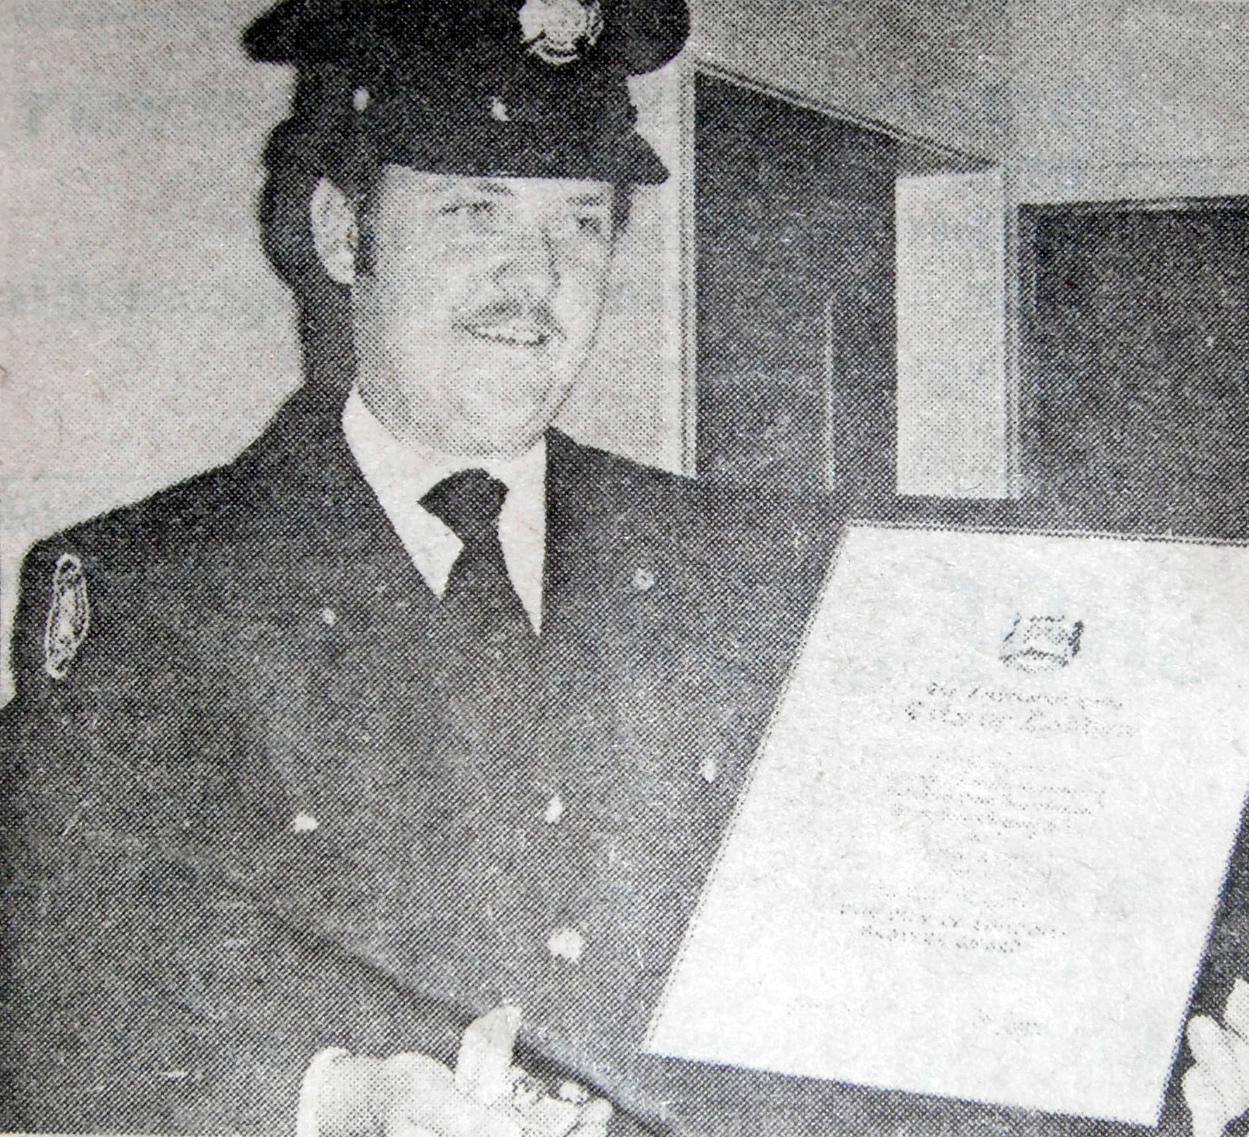 Ken Gilders awarded London's medal of Bravery